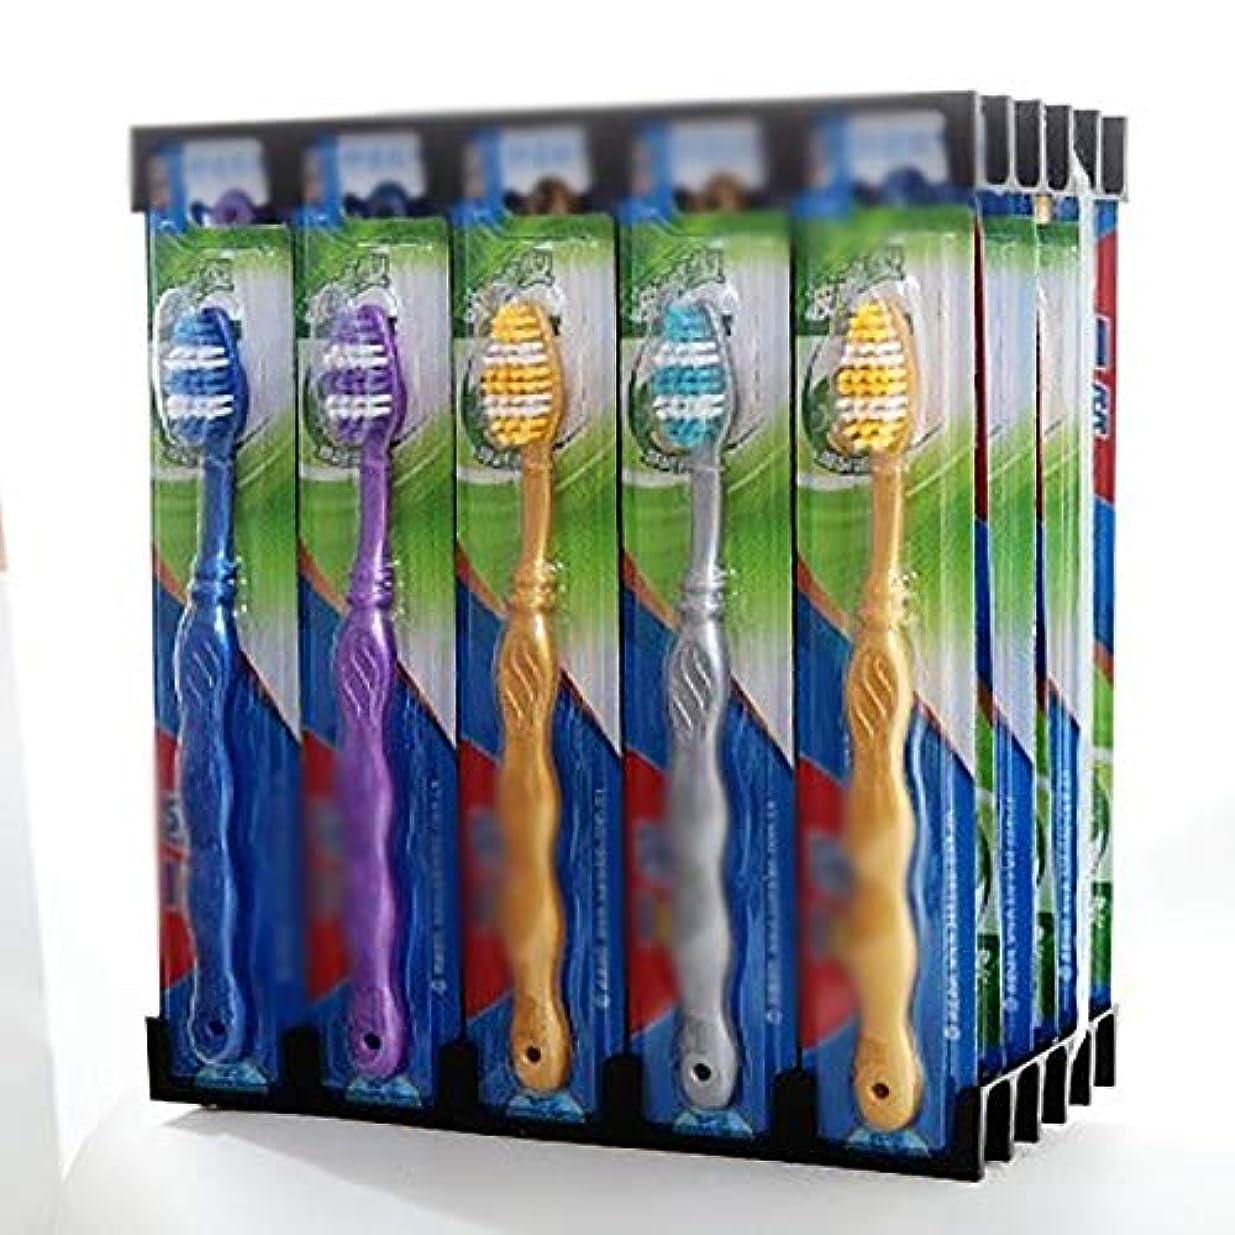 放射性マラソン事前に歯ブラシ 使用可能なスタイルの3種類 - 30パックは、敏感な歯のために、超柔らかい歯ブラシの歯ブラシを一括します HL (色 : B, サイズ : 30 packs)